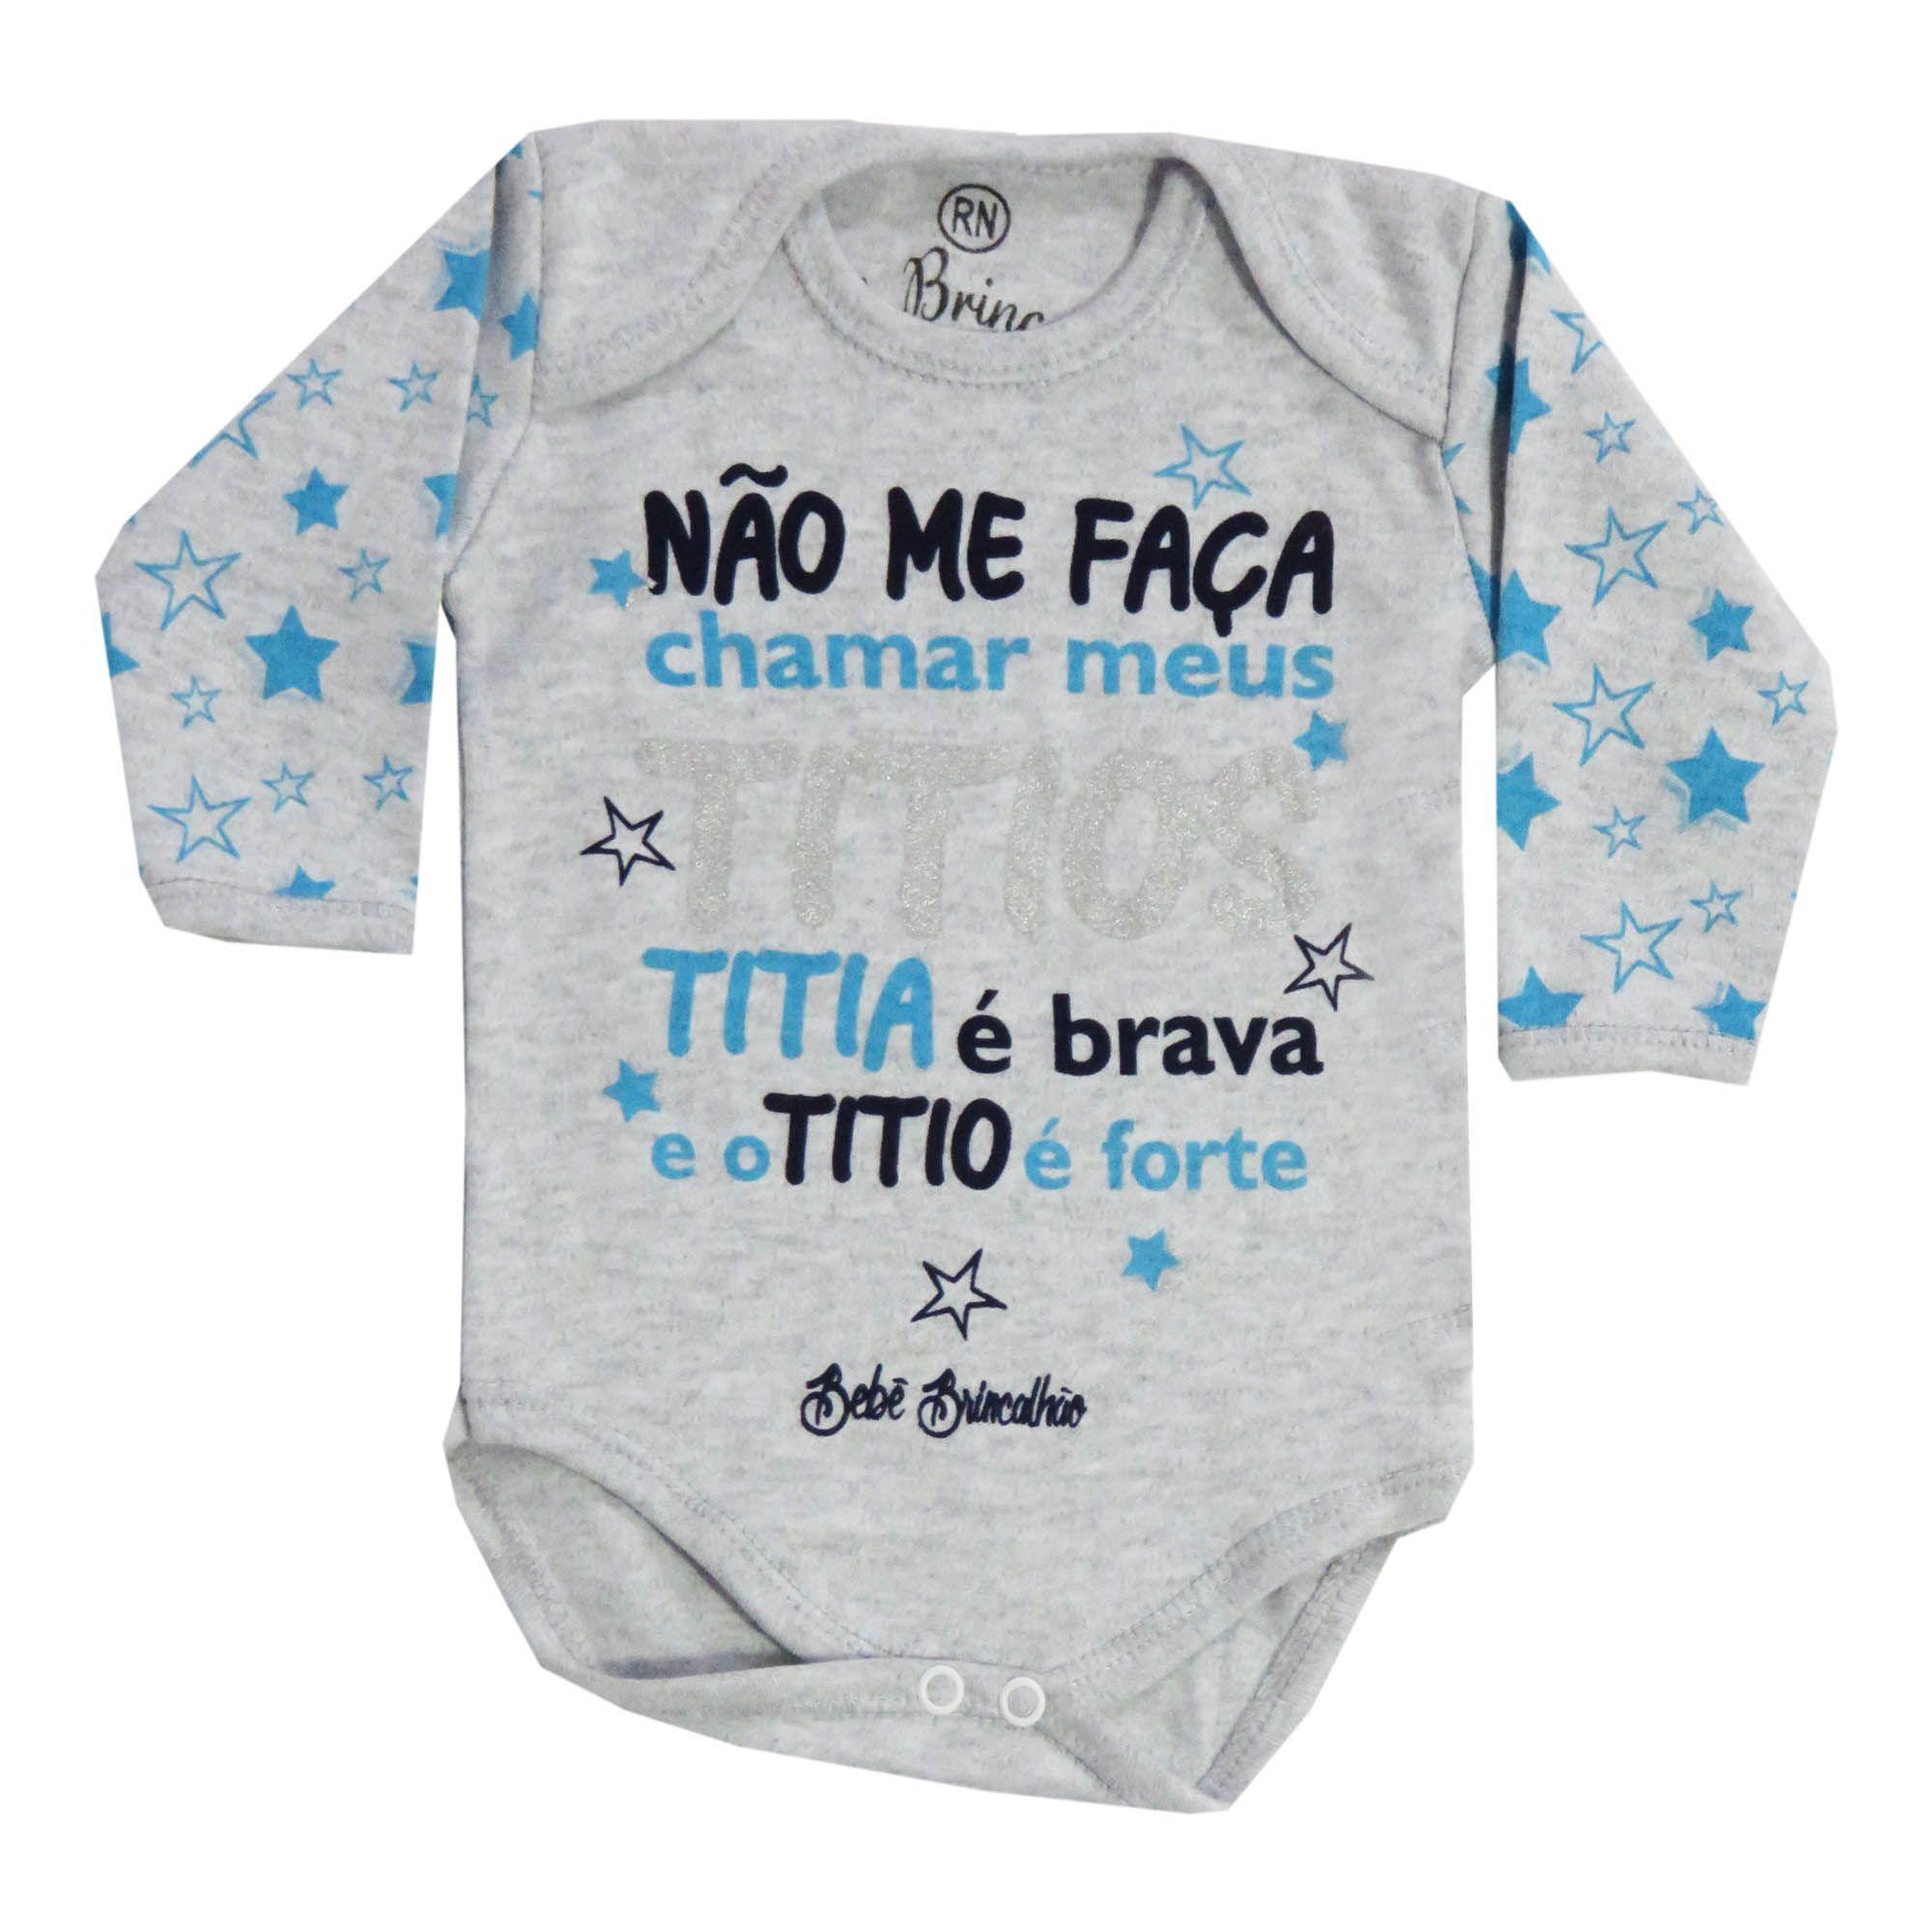 Body Bebê Brincalhão Frases Não me Faça Chamar Meus Titios, Titia é Brava e o Titio é Forte - Rn ao G